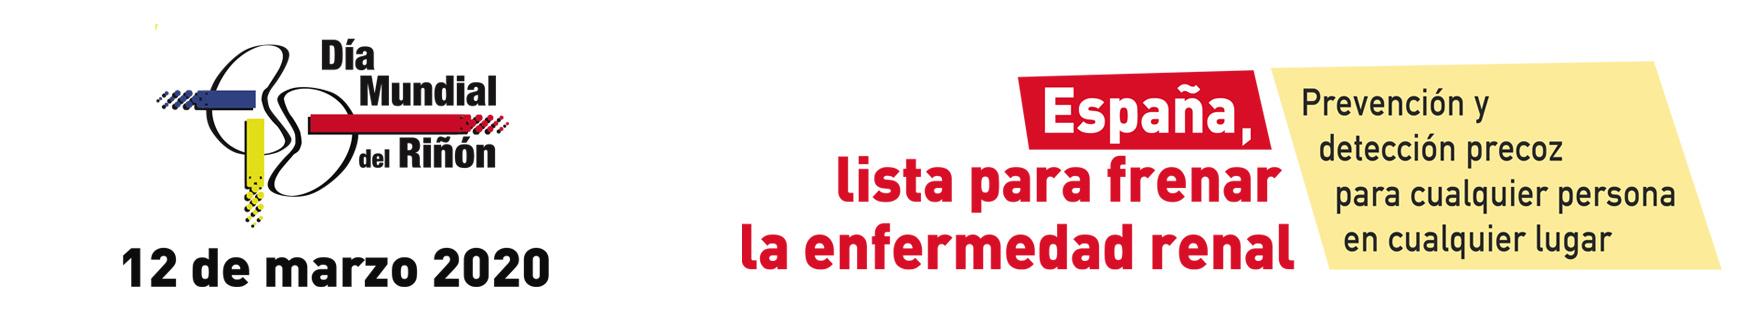 Nefrólogos, profesionales sanitarios y pacientes piden un Plan Integral de Salud contra la Enfermedad Renal Crónica en España